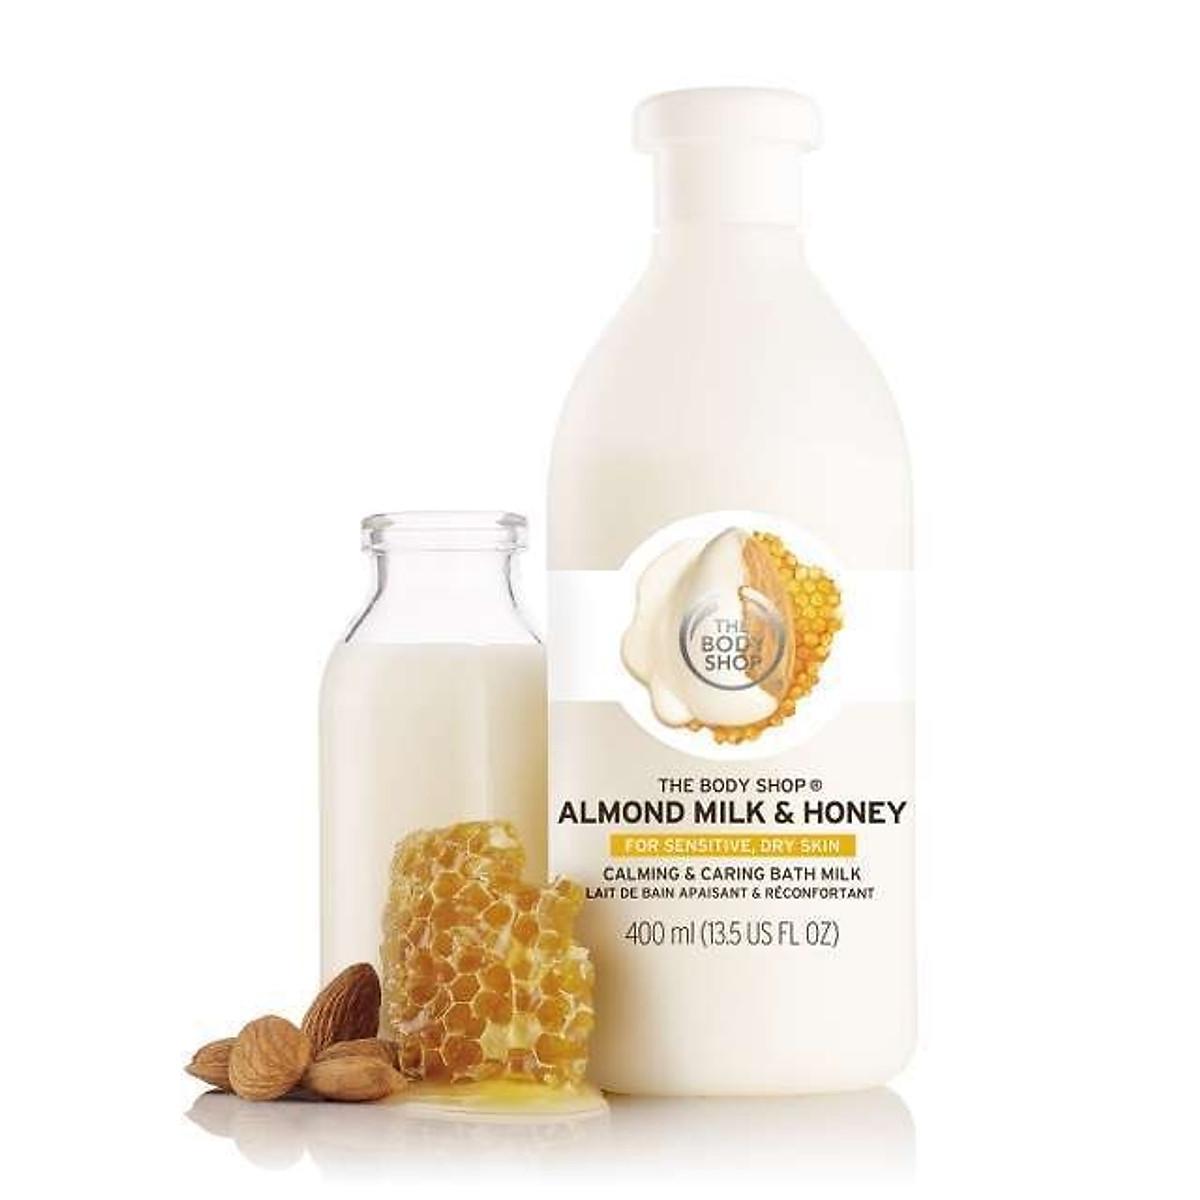 Hình đại diện sản phẩm Sữa Tắm Bồn The Body Shop Almond Milk & Honey Calming & Caring Bath Milk (400ml)